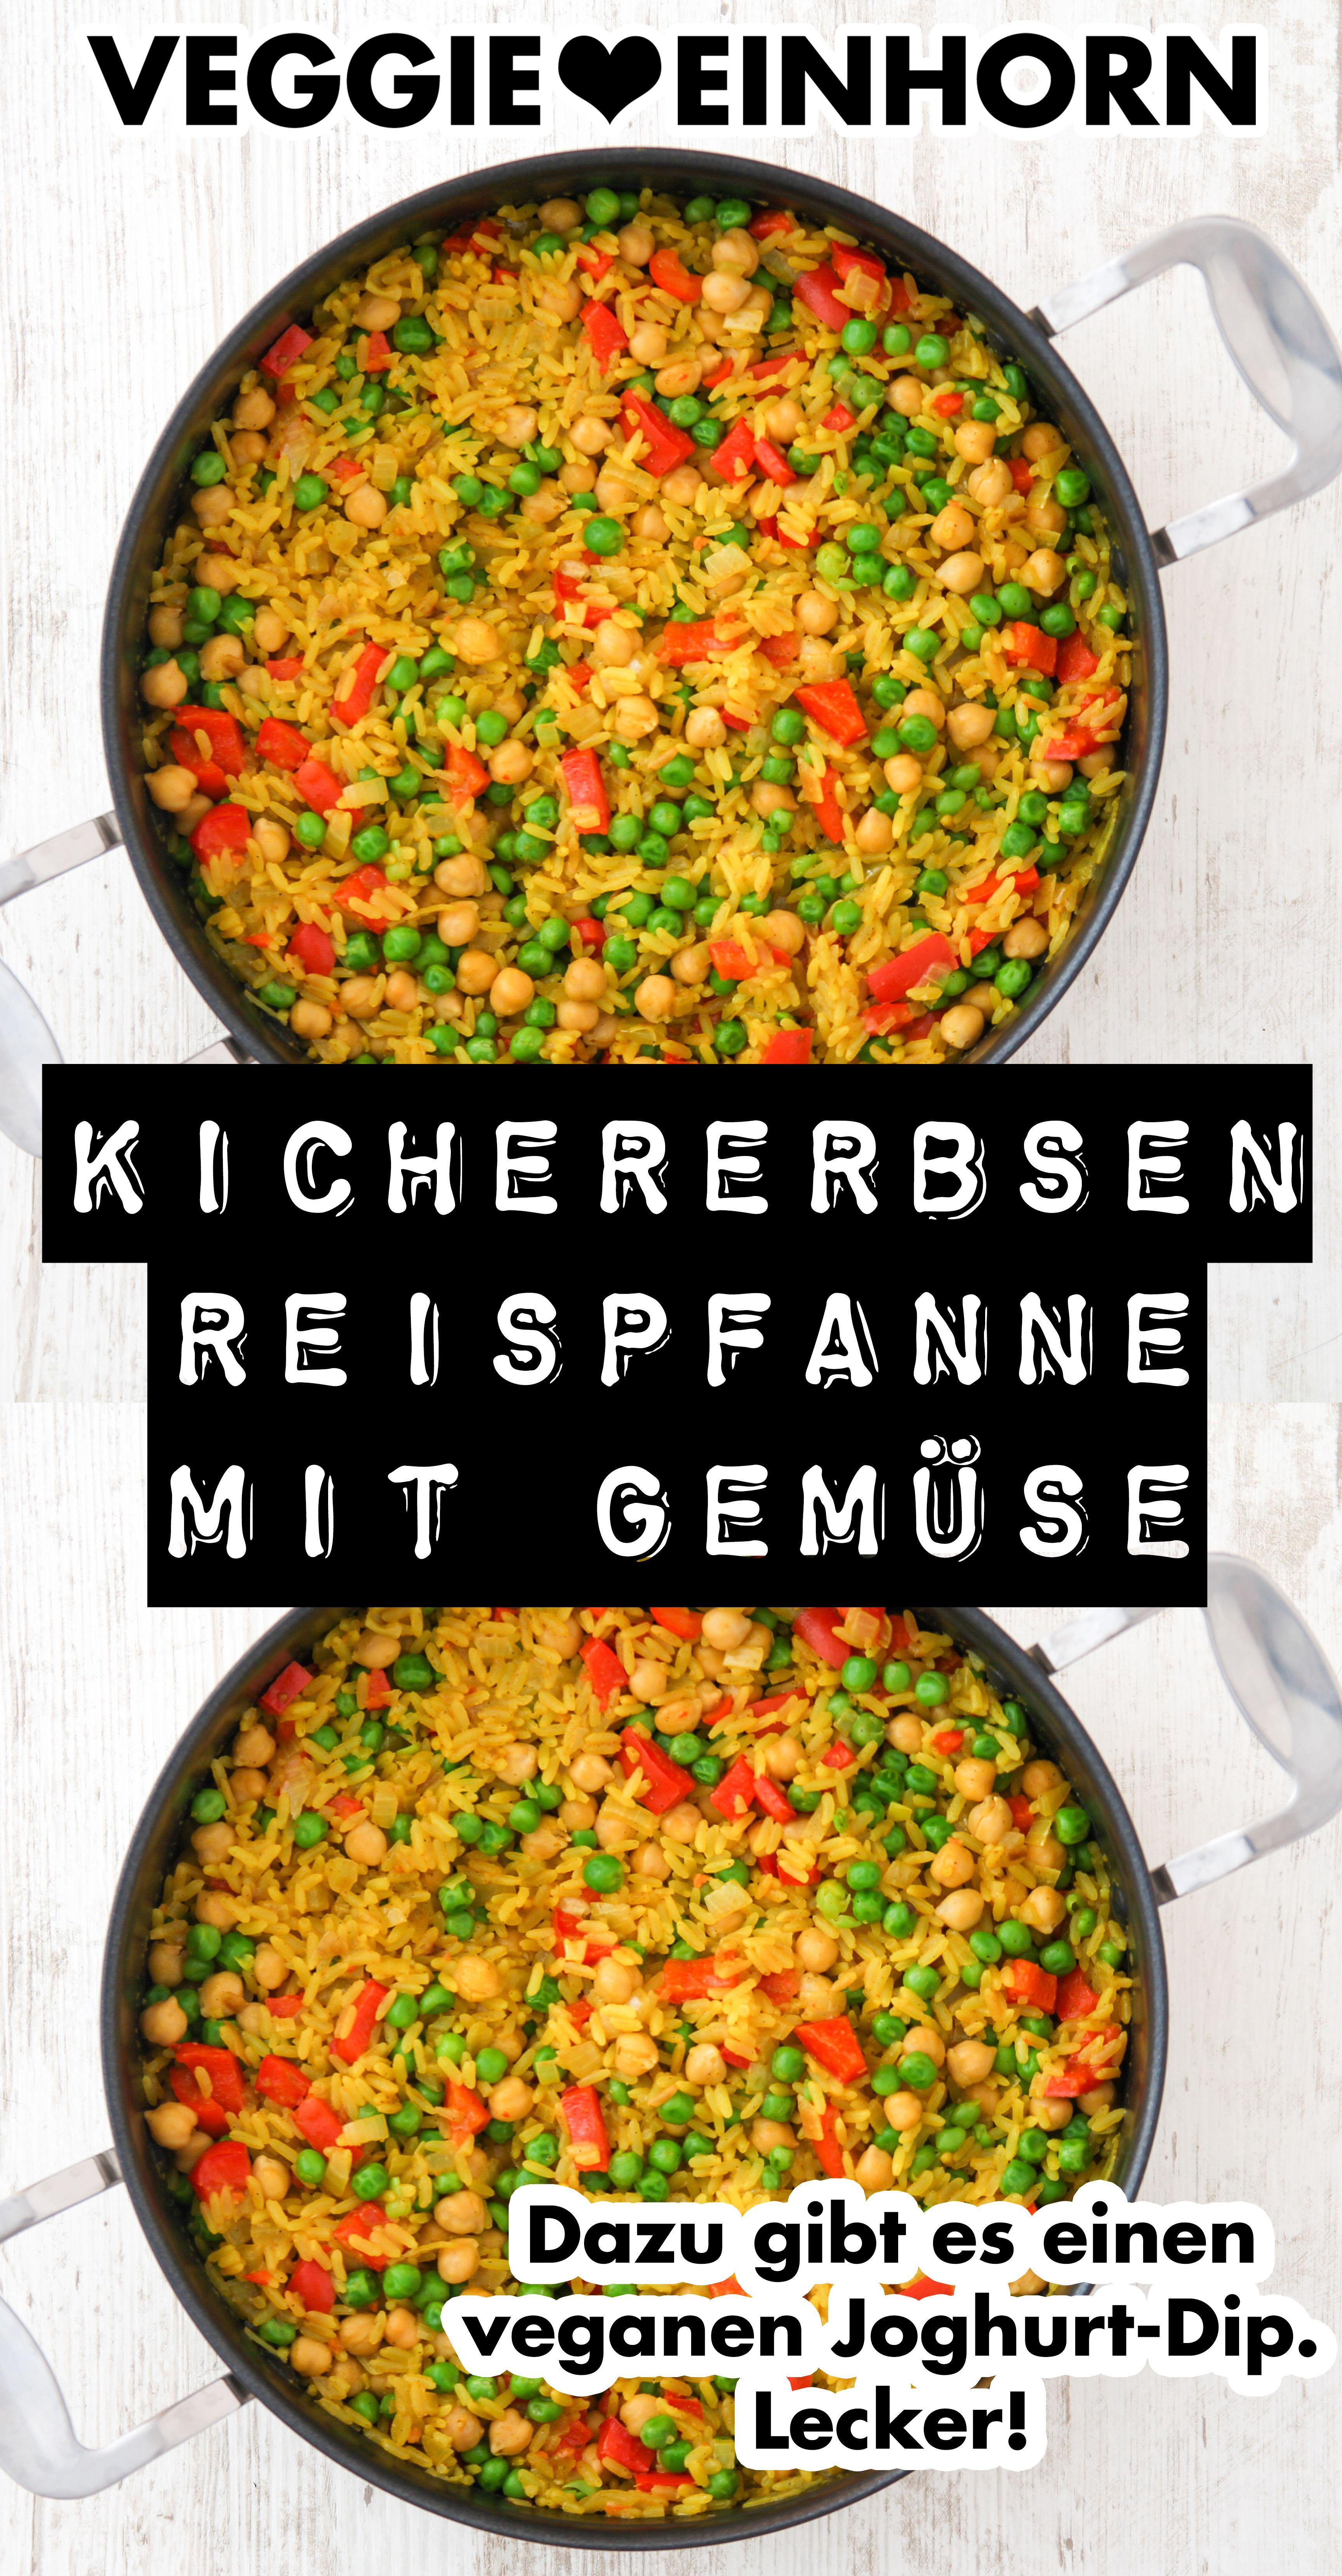 Photo of Kichererbsen-Reispfanne mit Gemüse | Dazu gibt es leckeren veganen Joghurt Dip {Veggie Einhorn®}